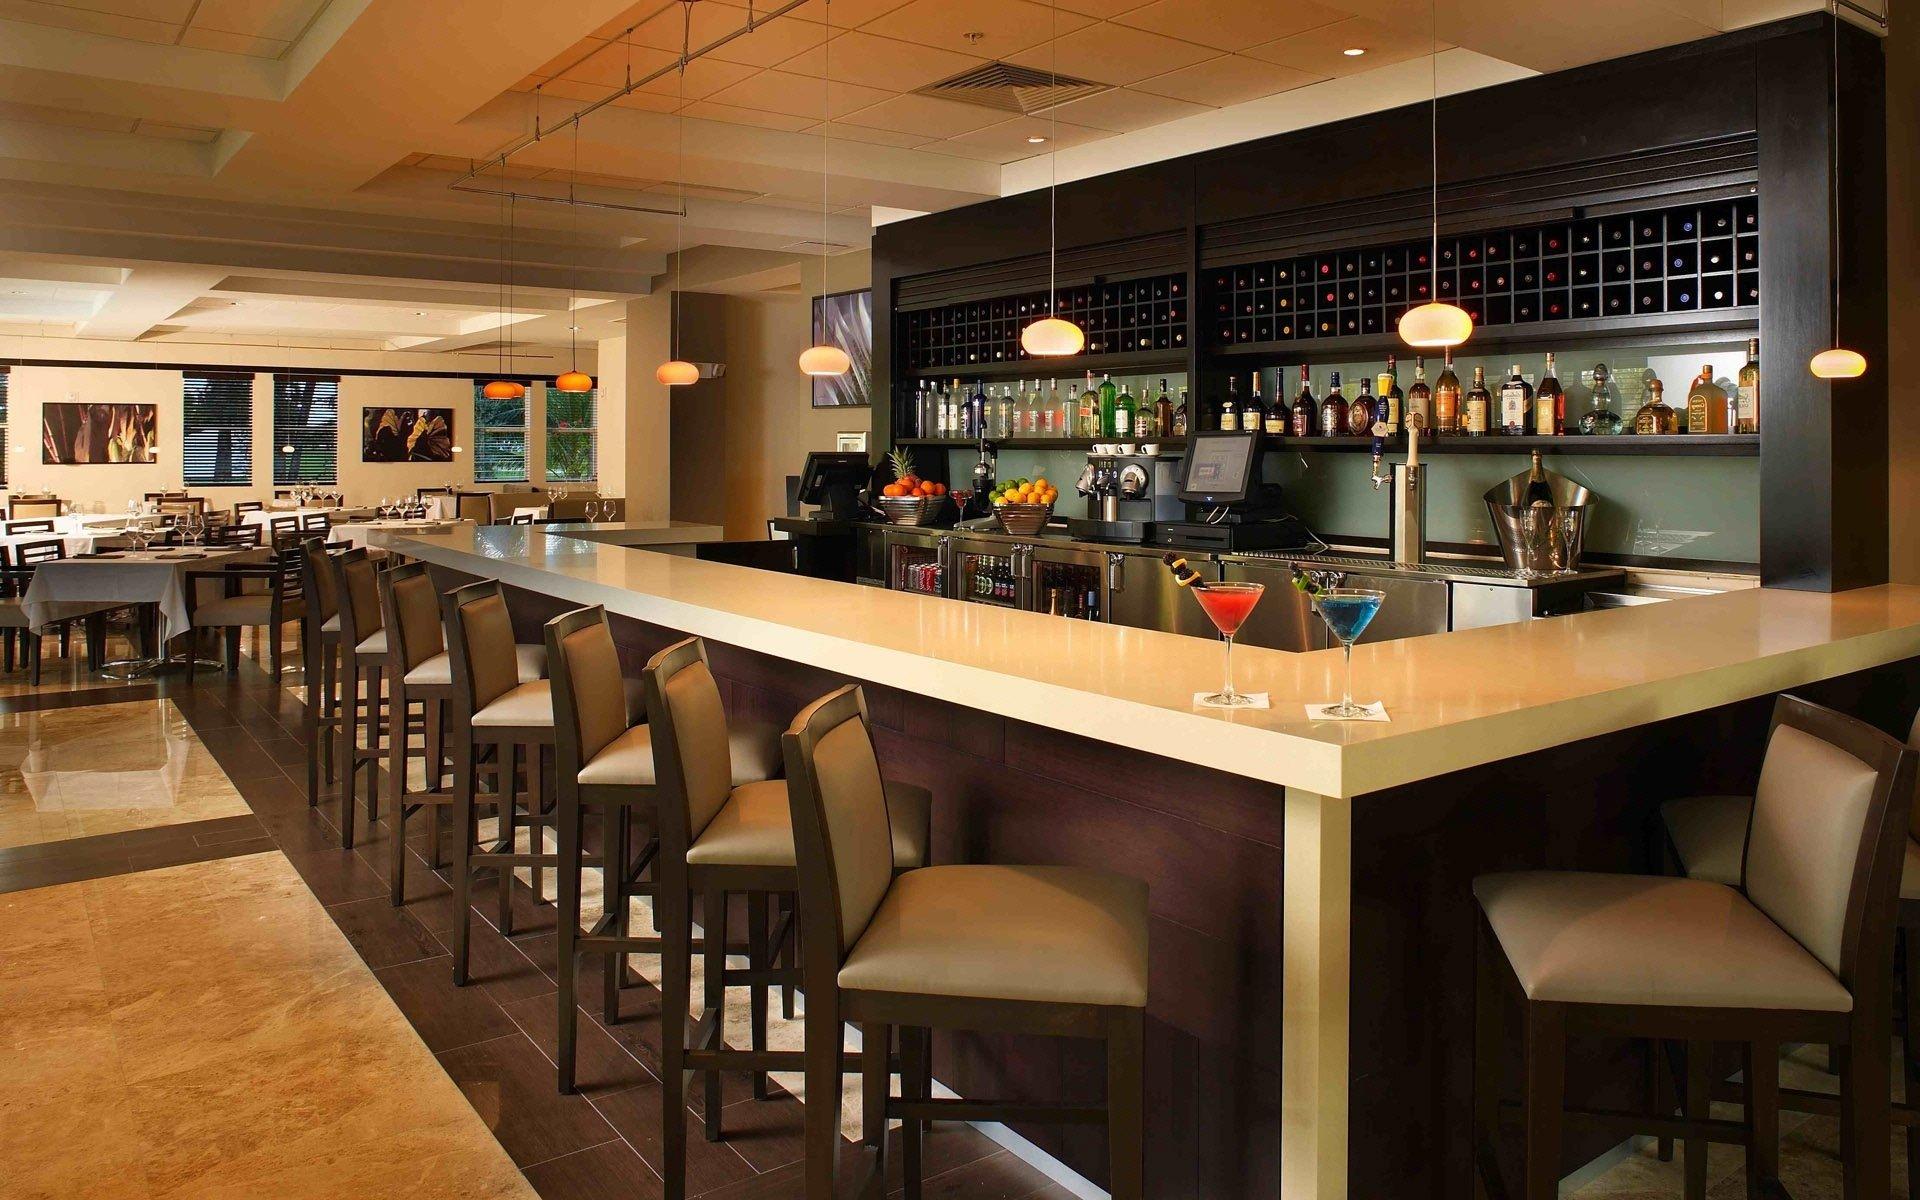 酒吧吧台装修设计酒吧吧台装修的三大类型 办公室装修 臻翰装饰